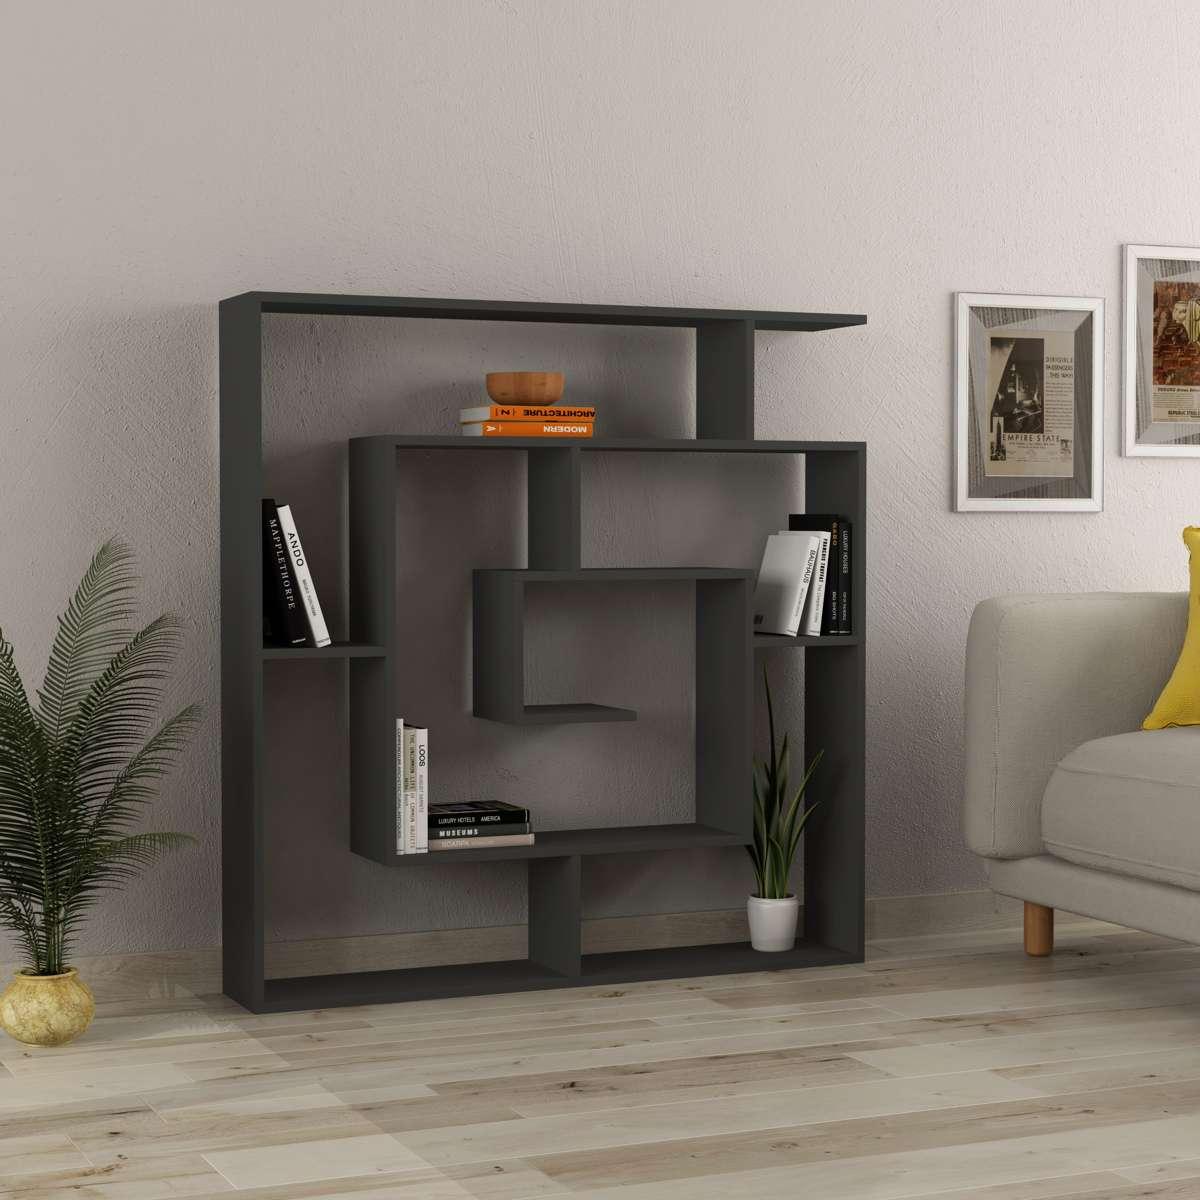 כוורת מדפים Labirent Bookcase אפור מסדרת Decoline